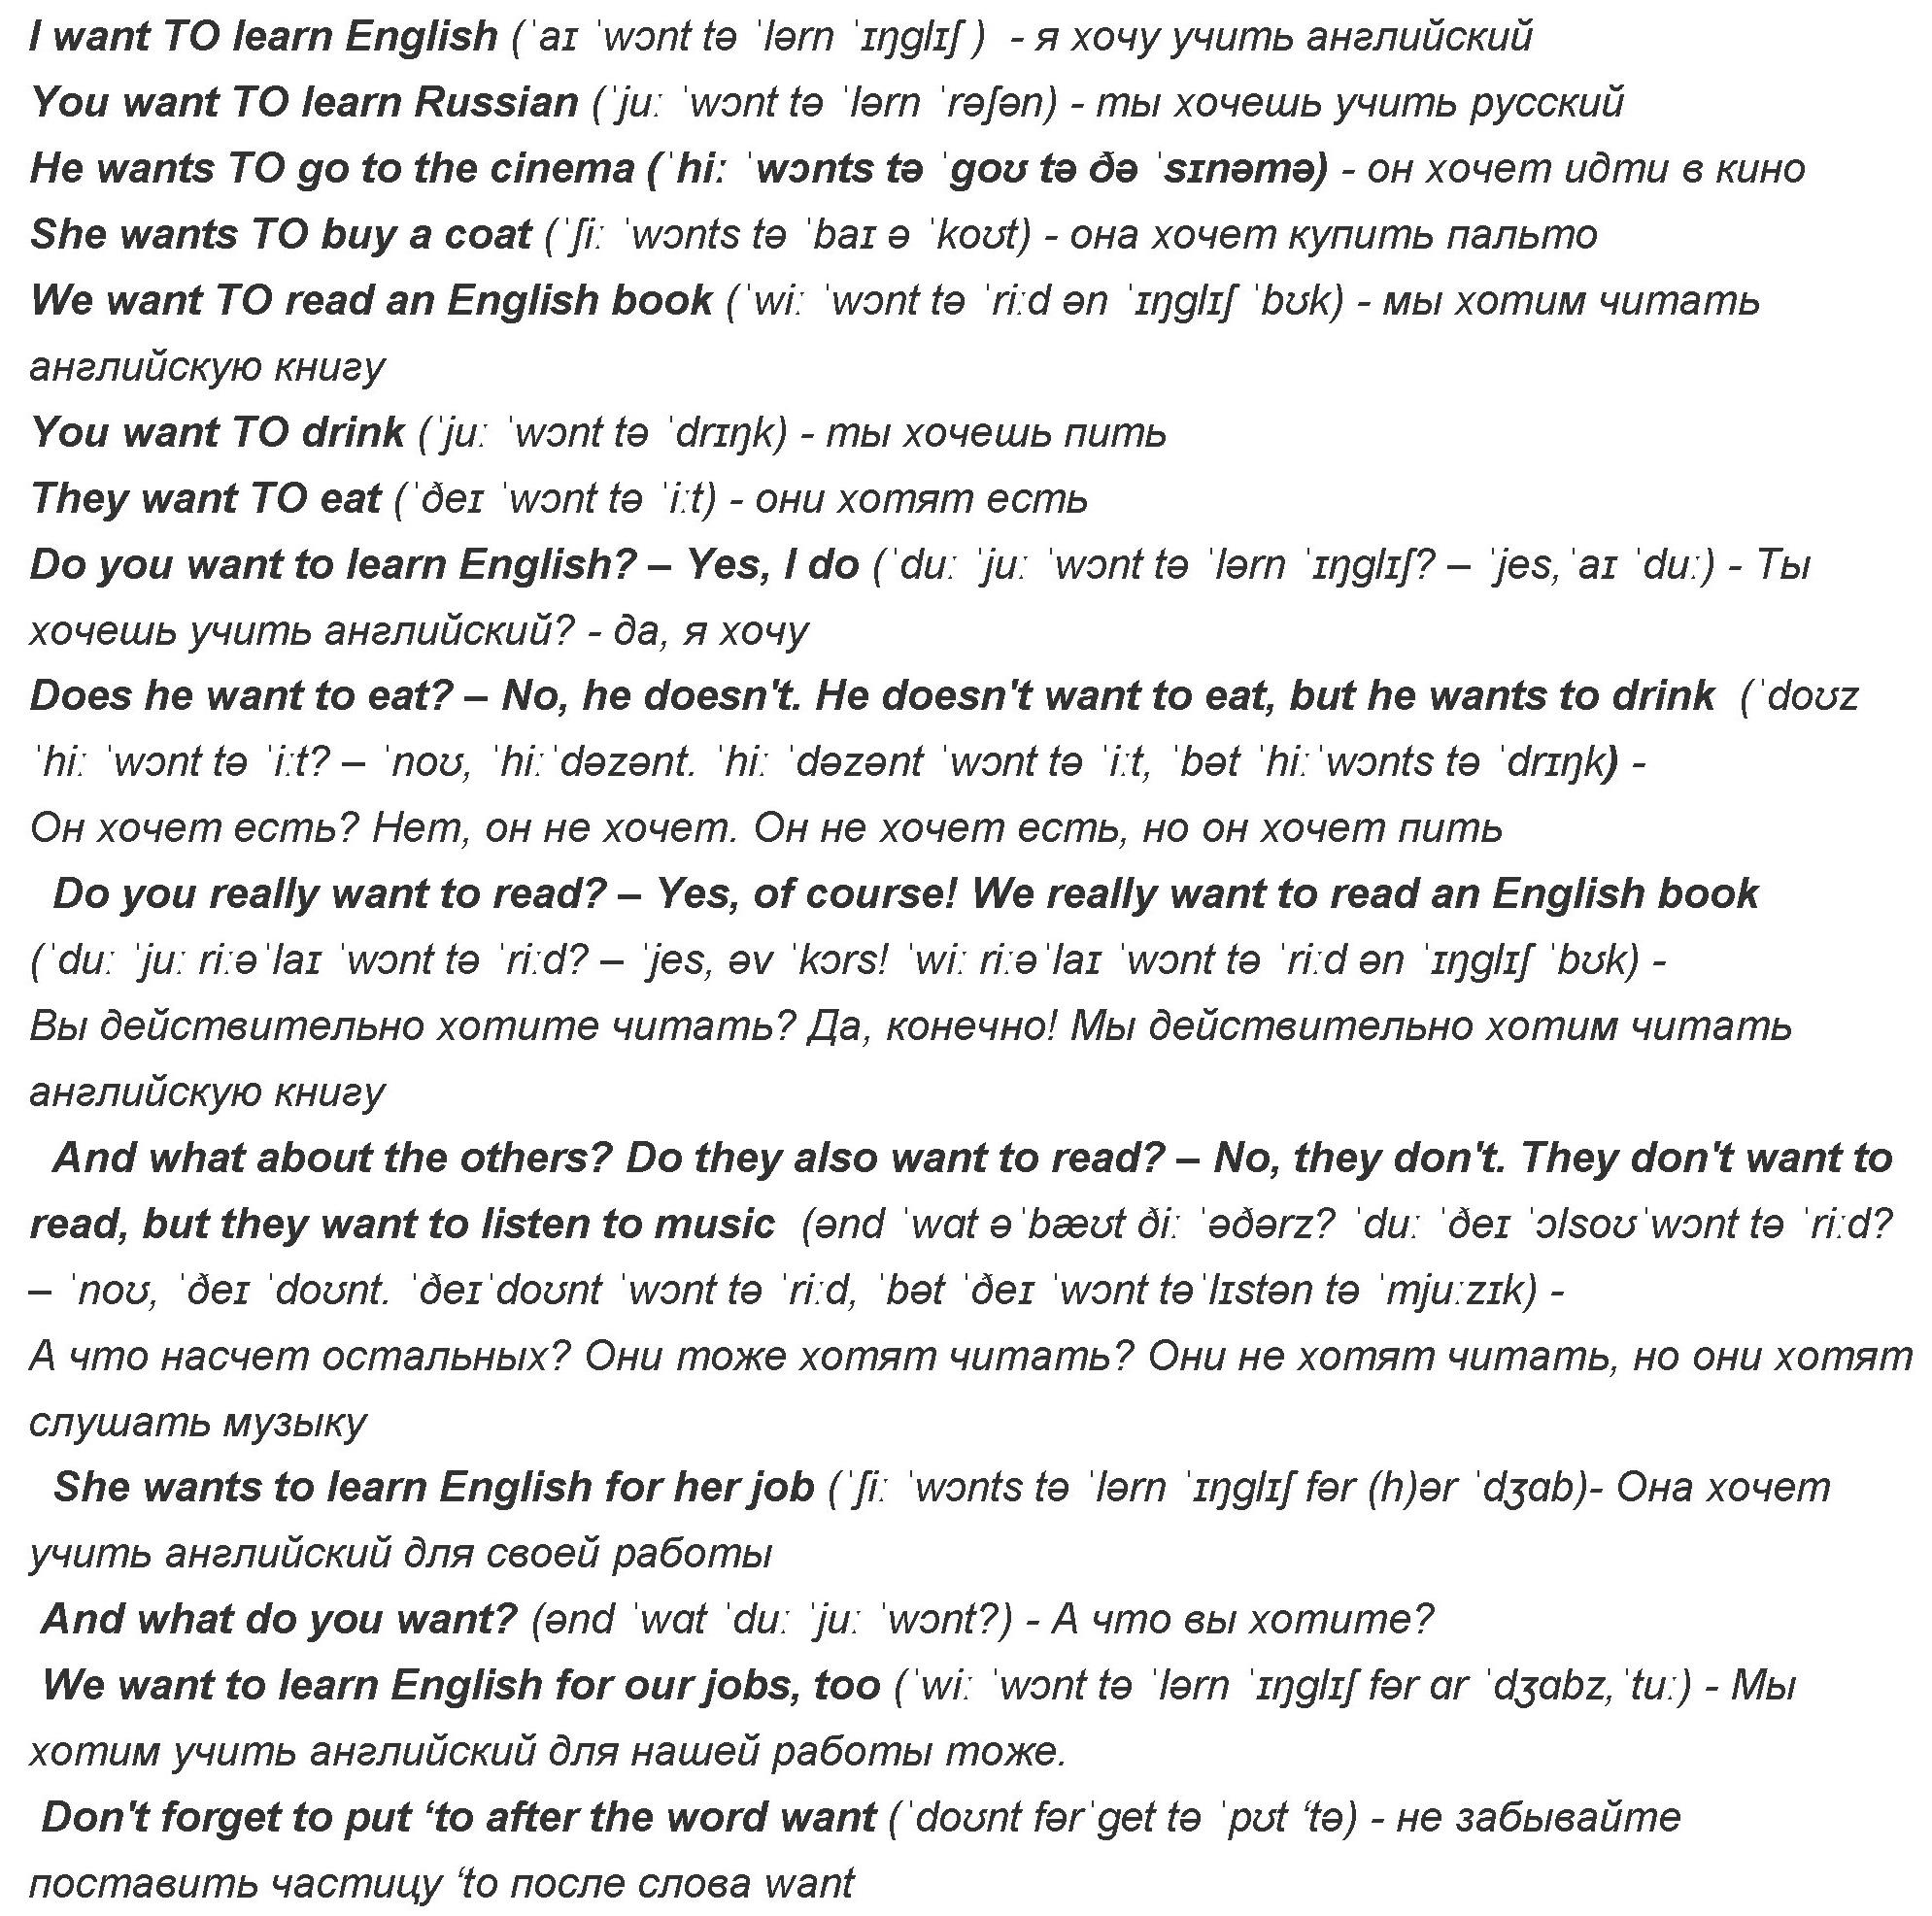 Английская транскрипция - моделино